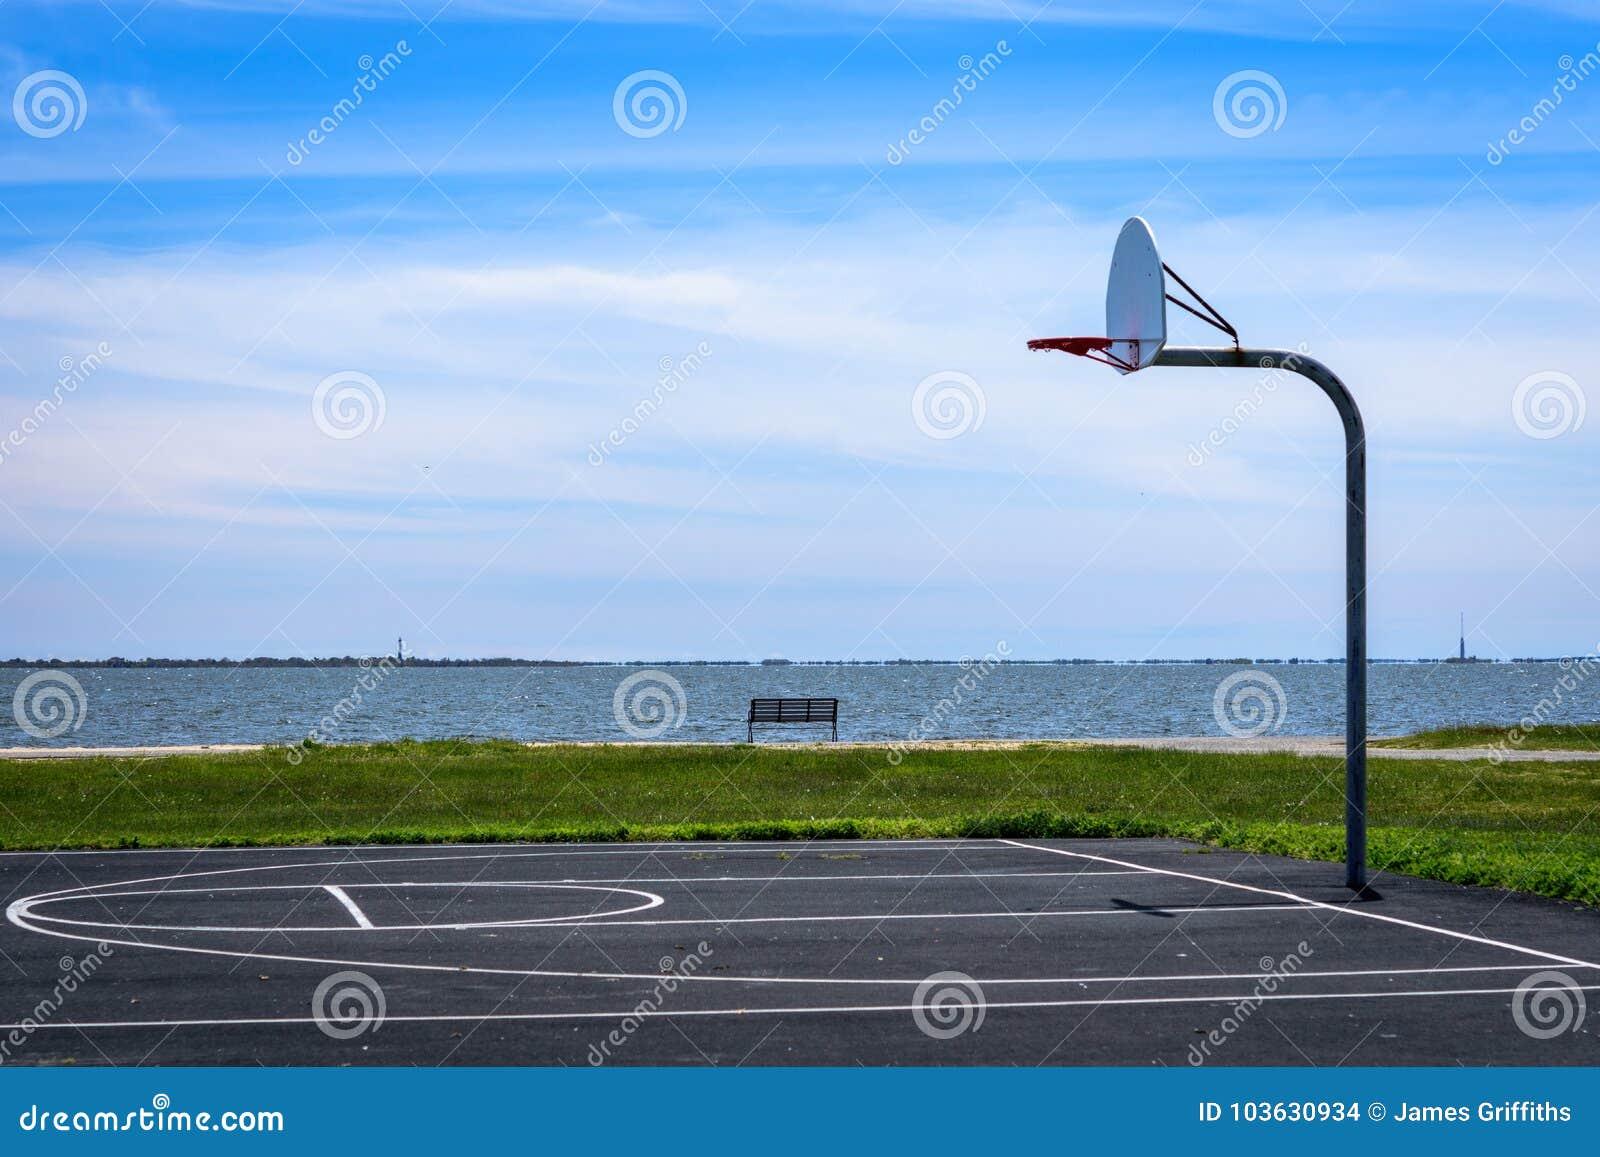 Μισό δικαστήριο καλαθοσφαίρισης